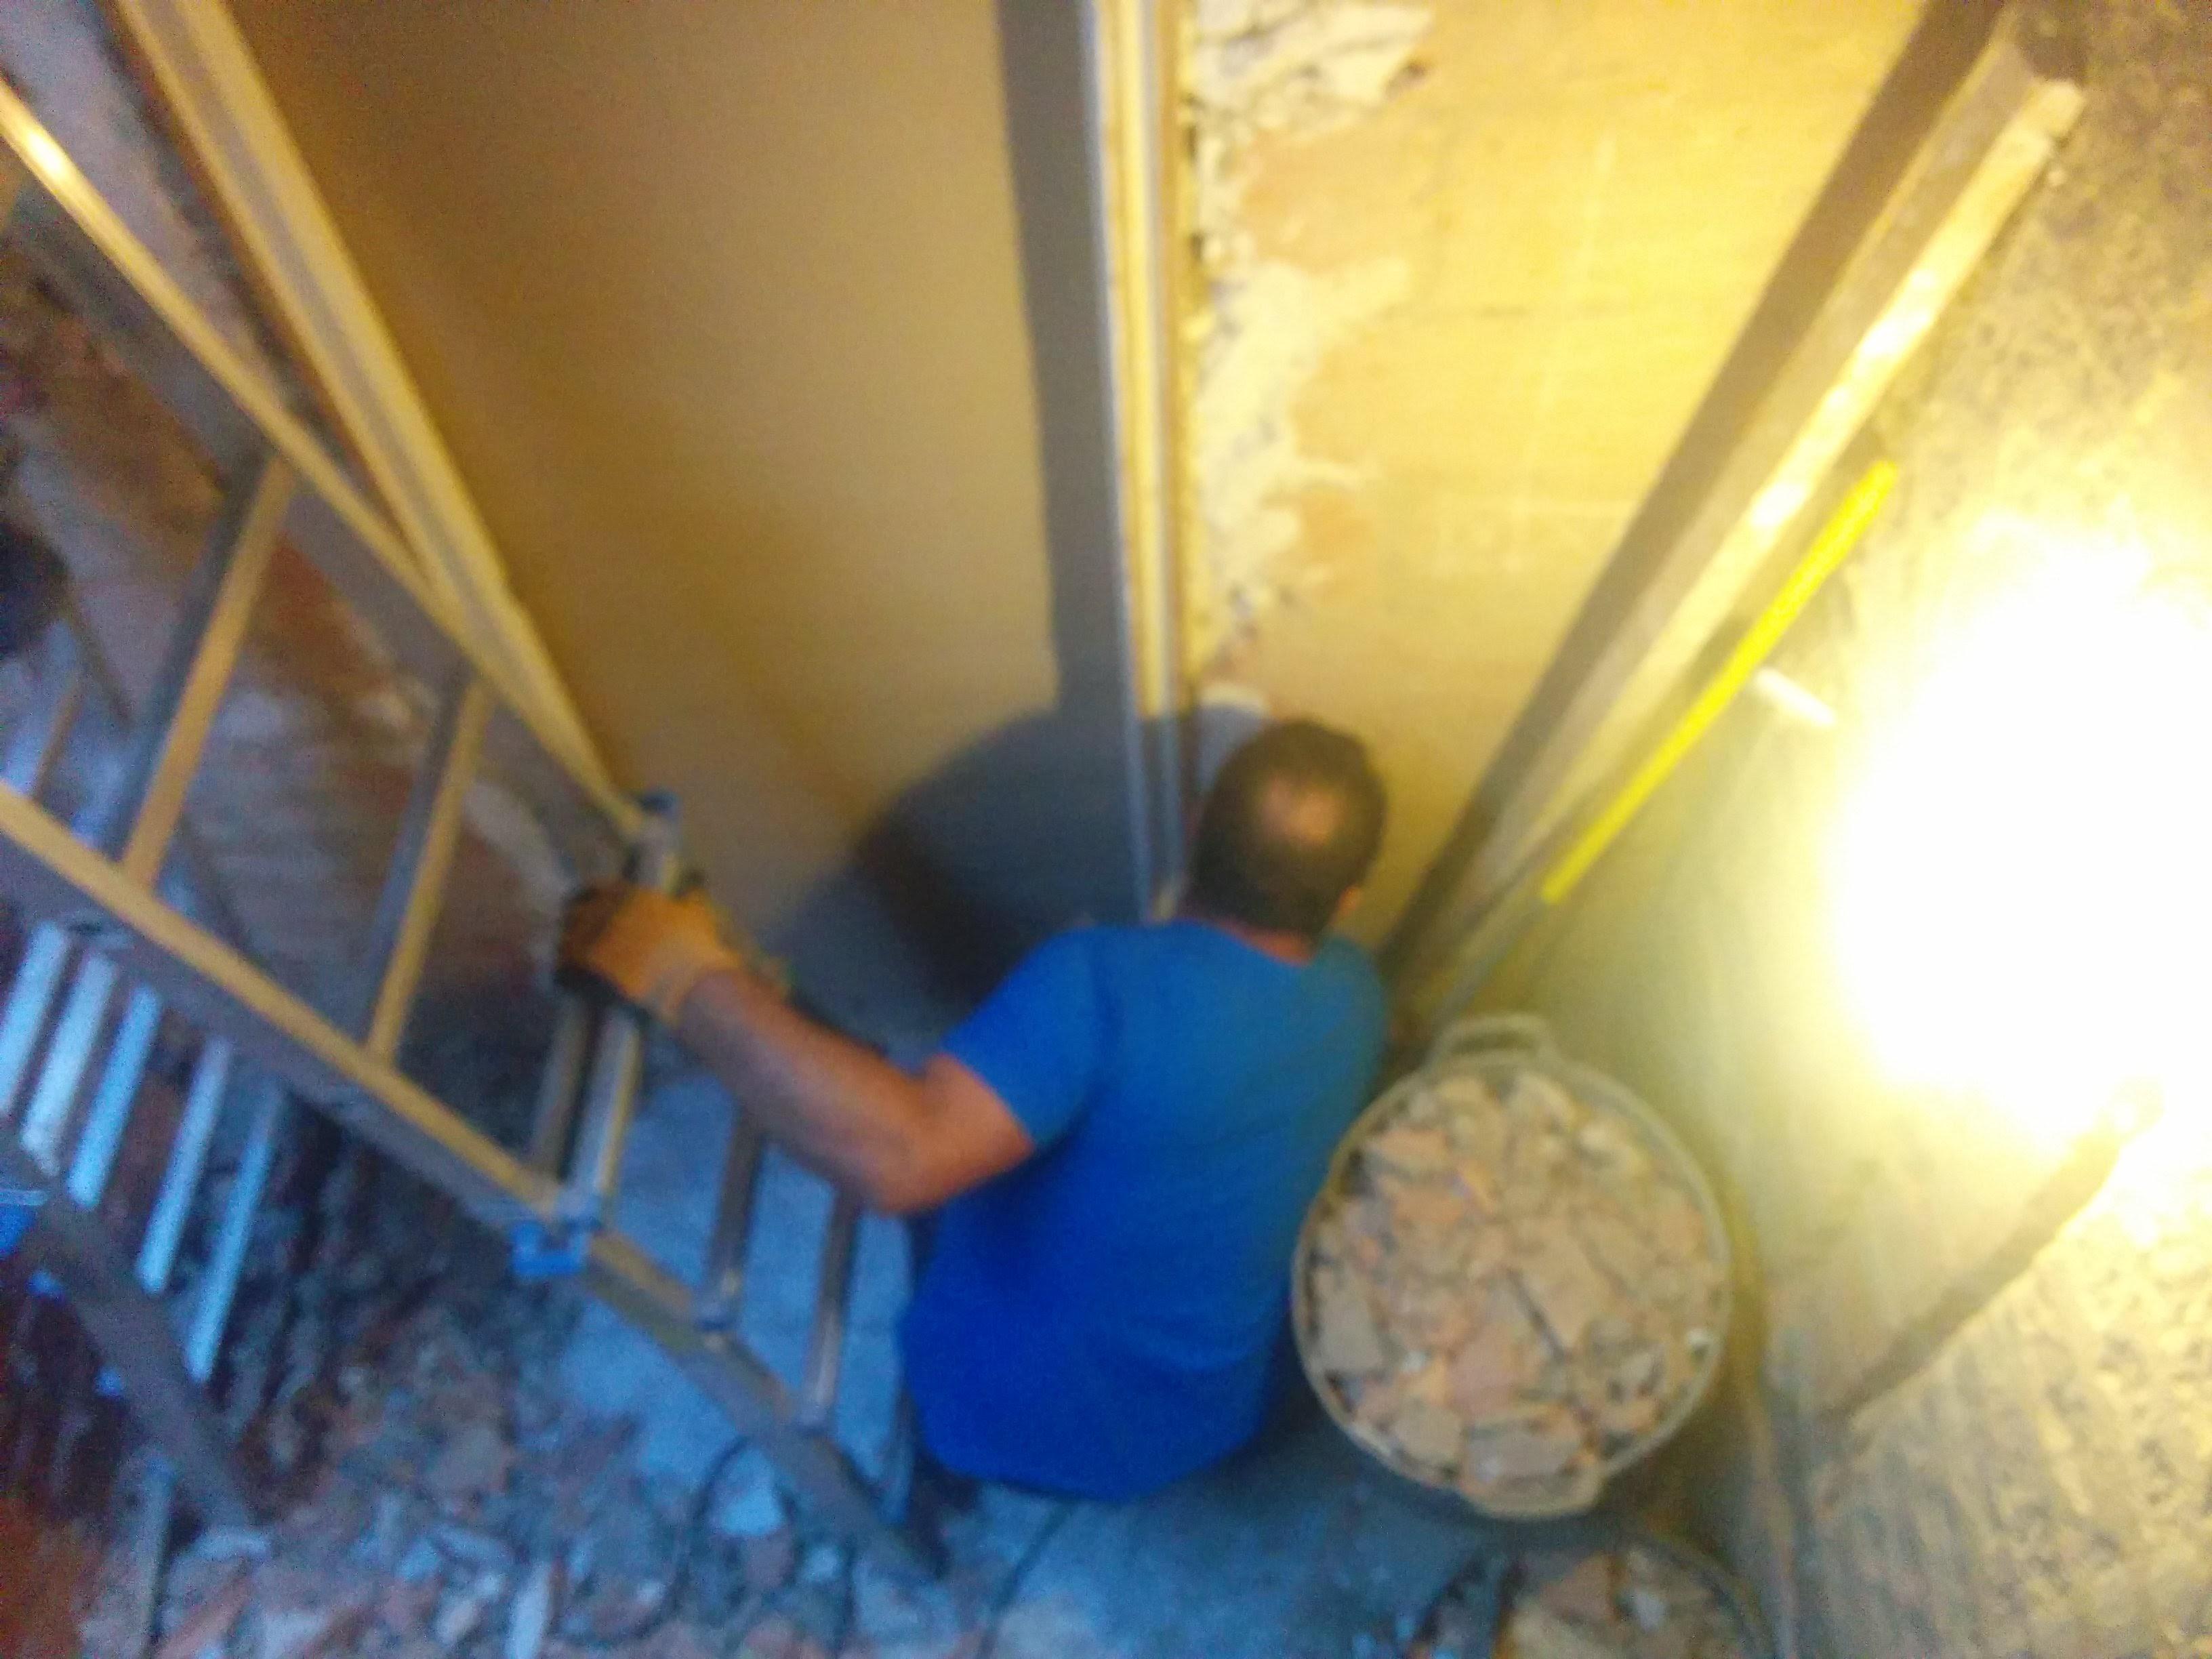 Reforma Baño Quitar Banera:Reforma de baño en Tarragona, ¡Hoy toca demoler! 🙂 – Reformas